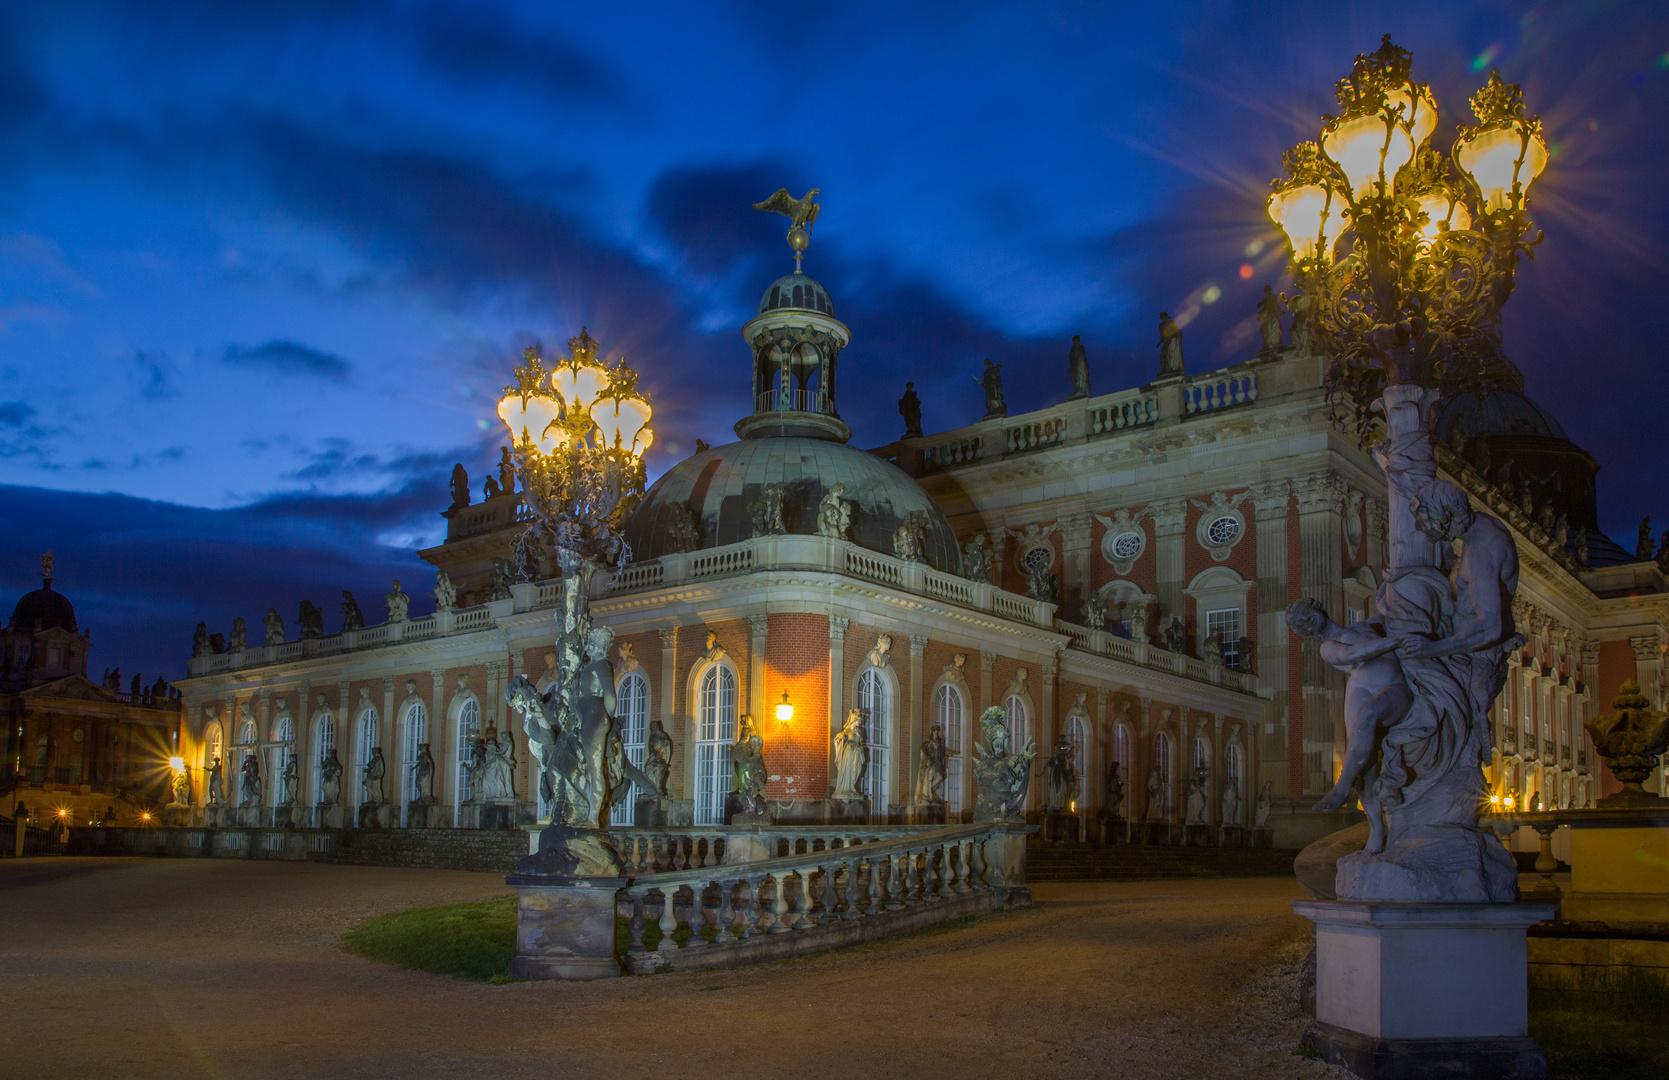 Neues Palais Nachtwächteransicht